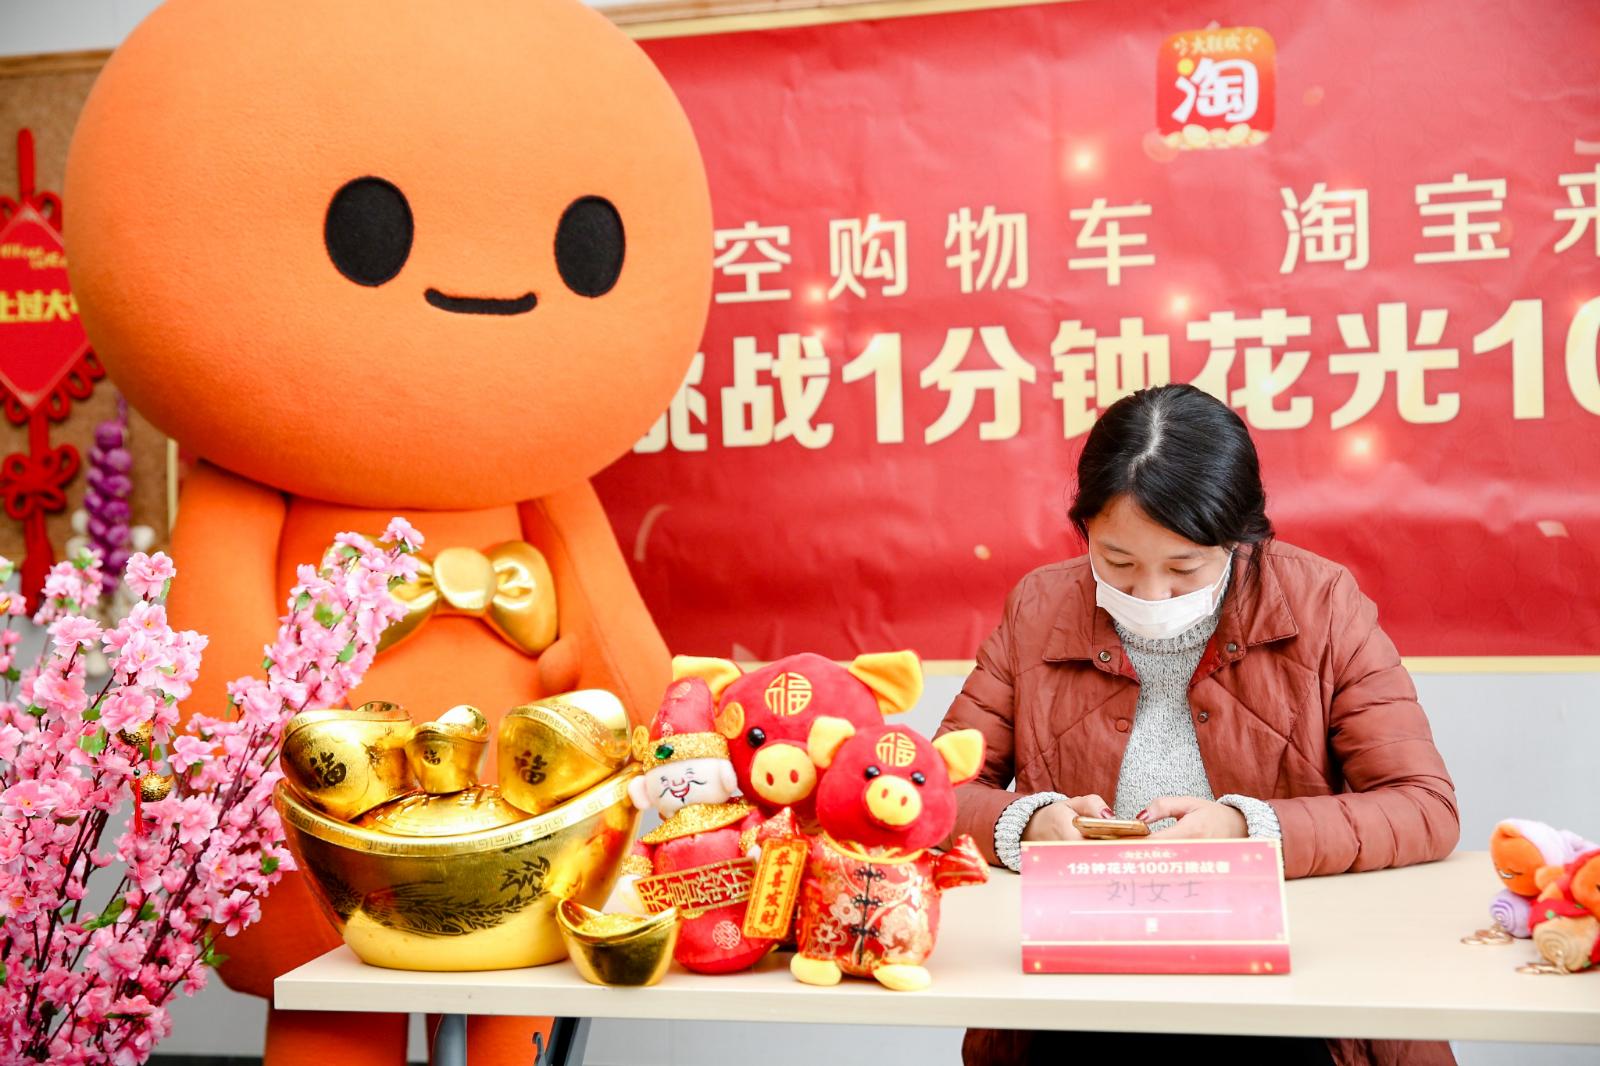 淘宝春节玩法稿配图 淘公仔拈花,程序员微笑,电光火石之间,刘女士1分钟花掉了近58万_meitu_1